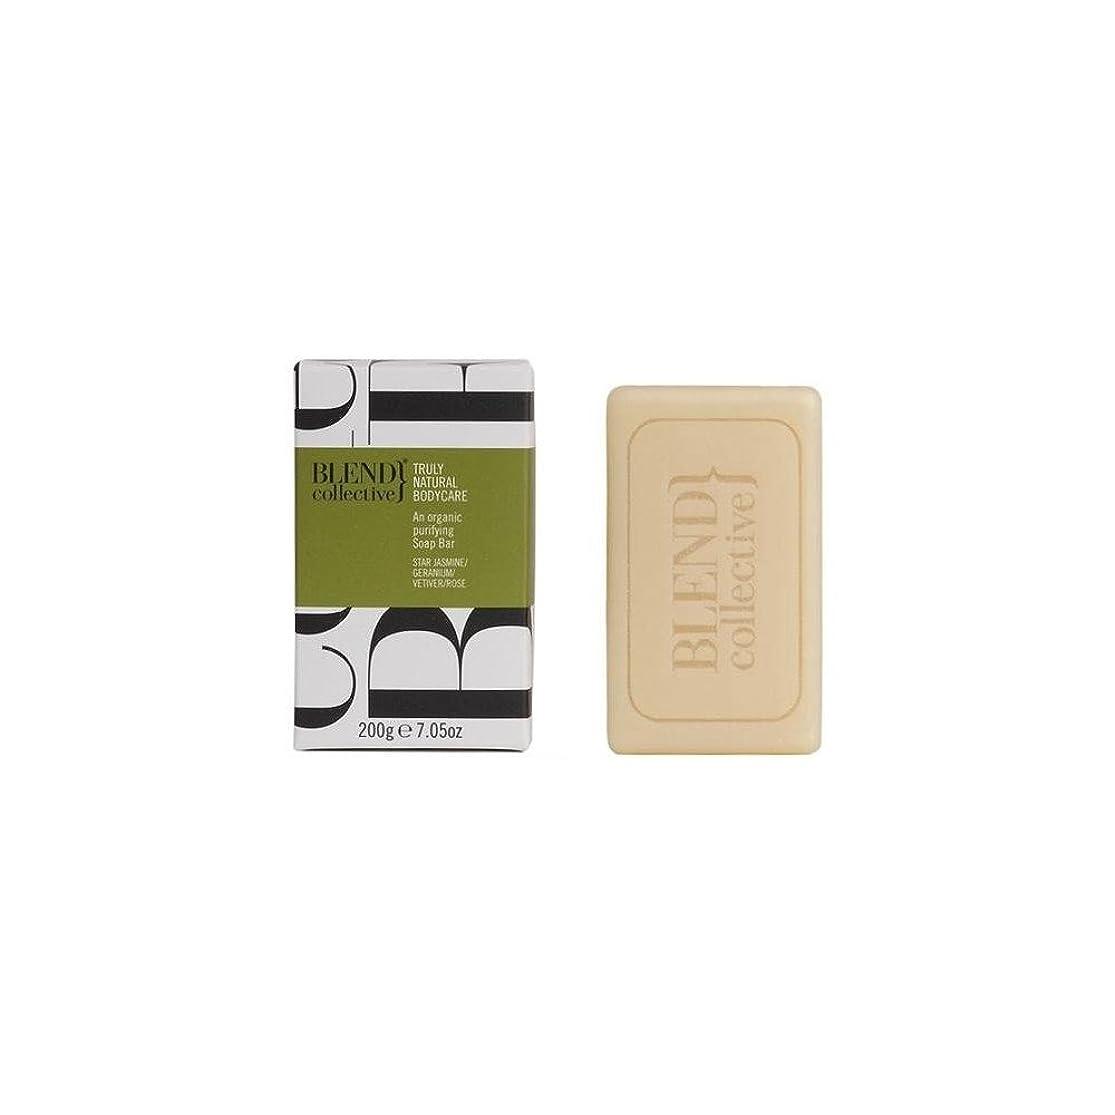 札入れ中毒きゅうりBlend Collective Balancing Soap Bar (200g) 集団バランシングソープバー( 200グラム)をブレンド [並行輸入品]